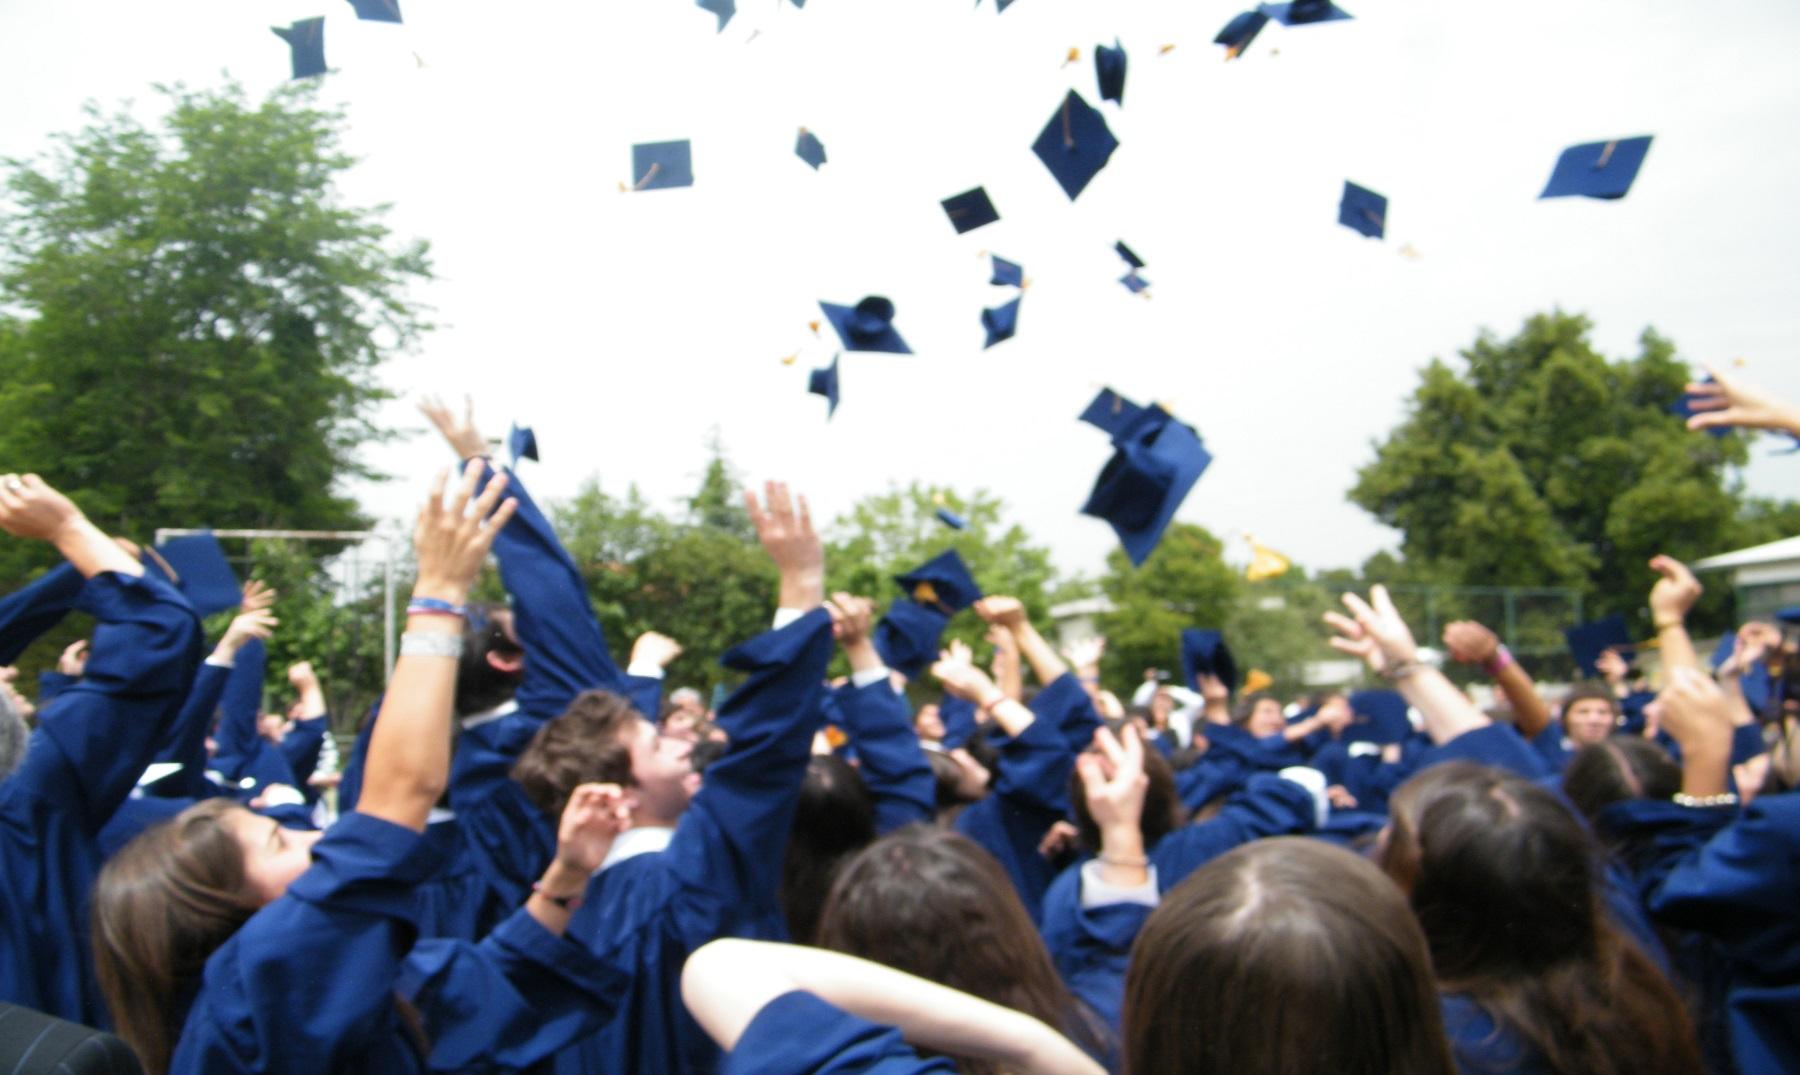 ¿Por qué se tiran los sombreros en las graduaciones?